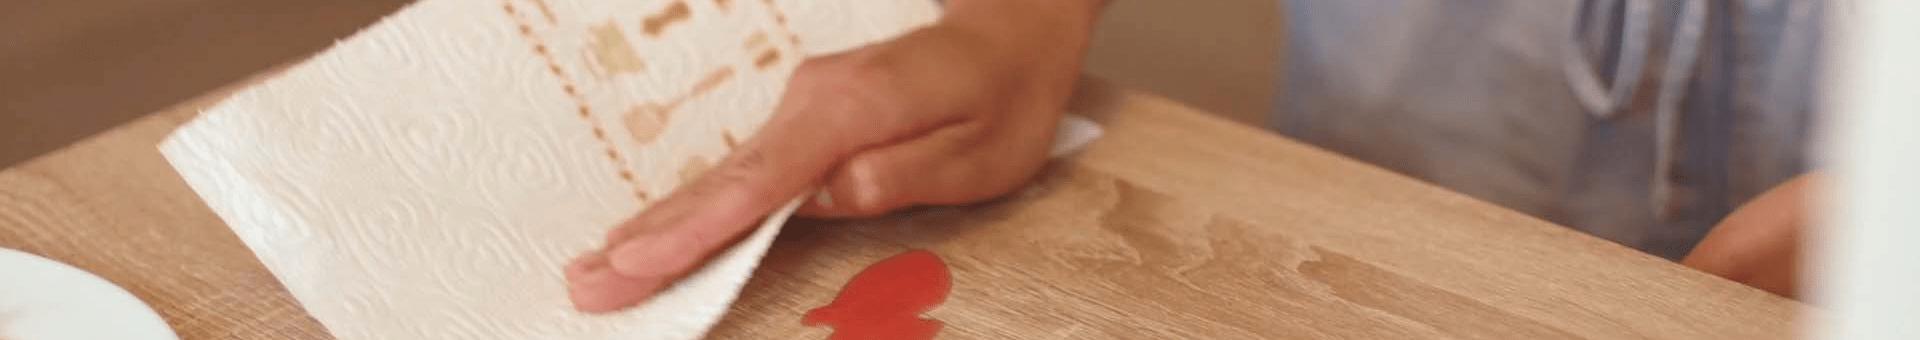 Les conseils de nettoyage avec Sopalin